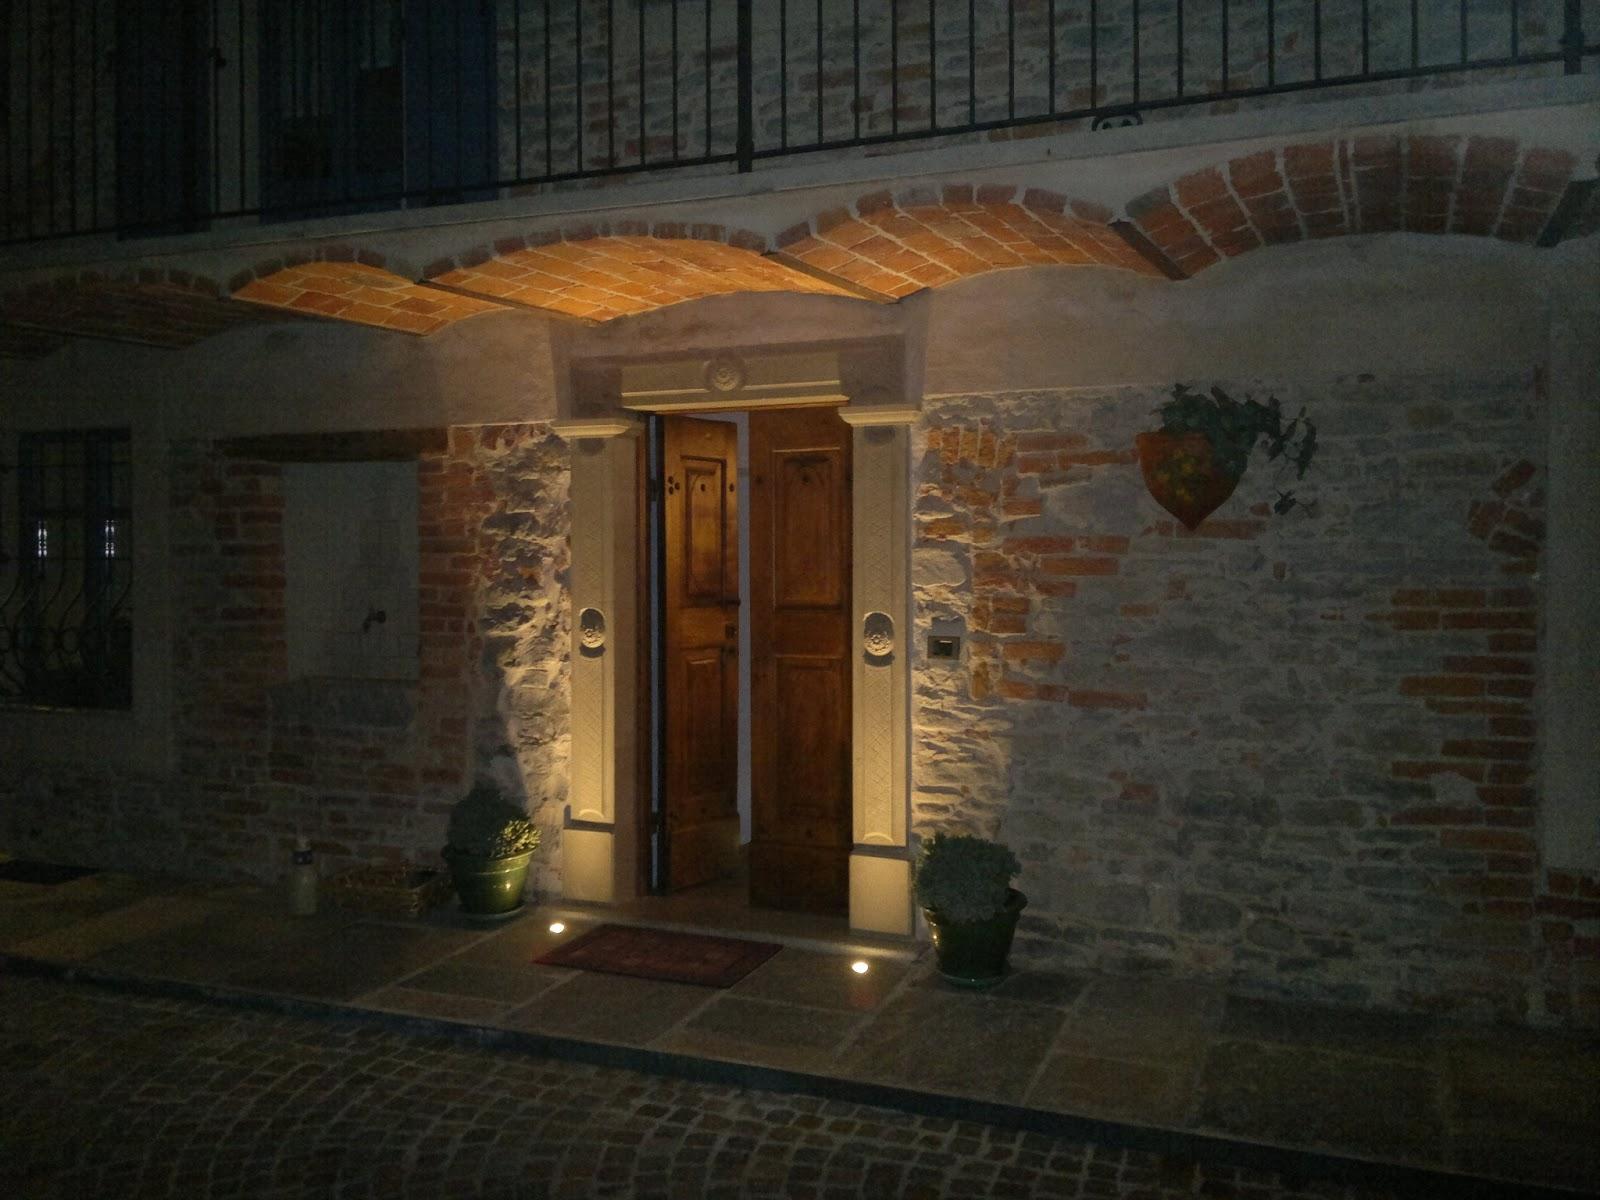 Illuminazione esterna casa a led illuminazione led casa - Illuminazione led interni casa ...